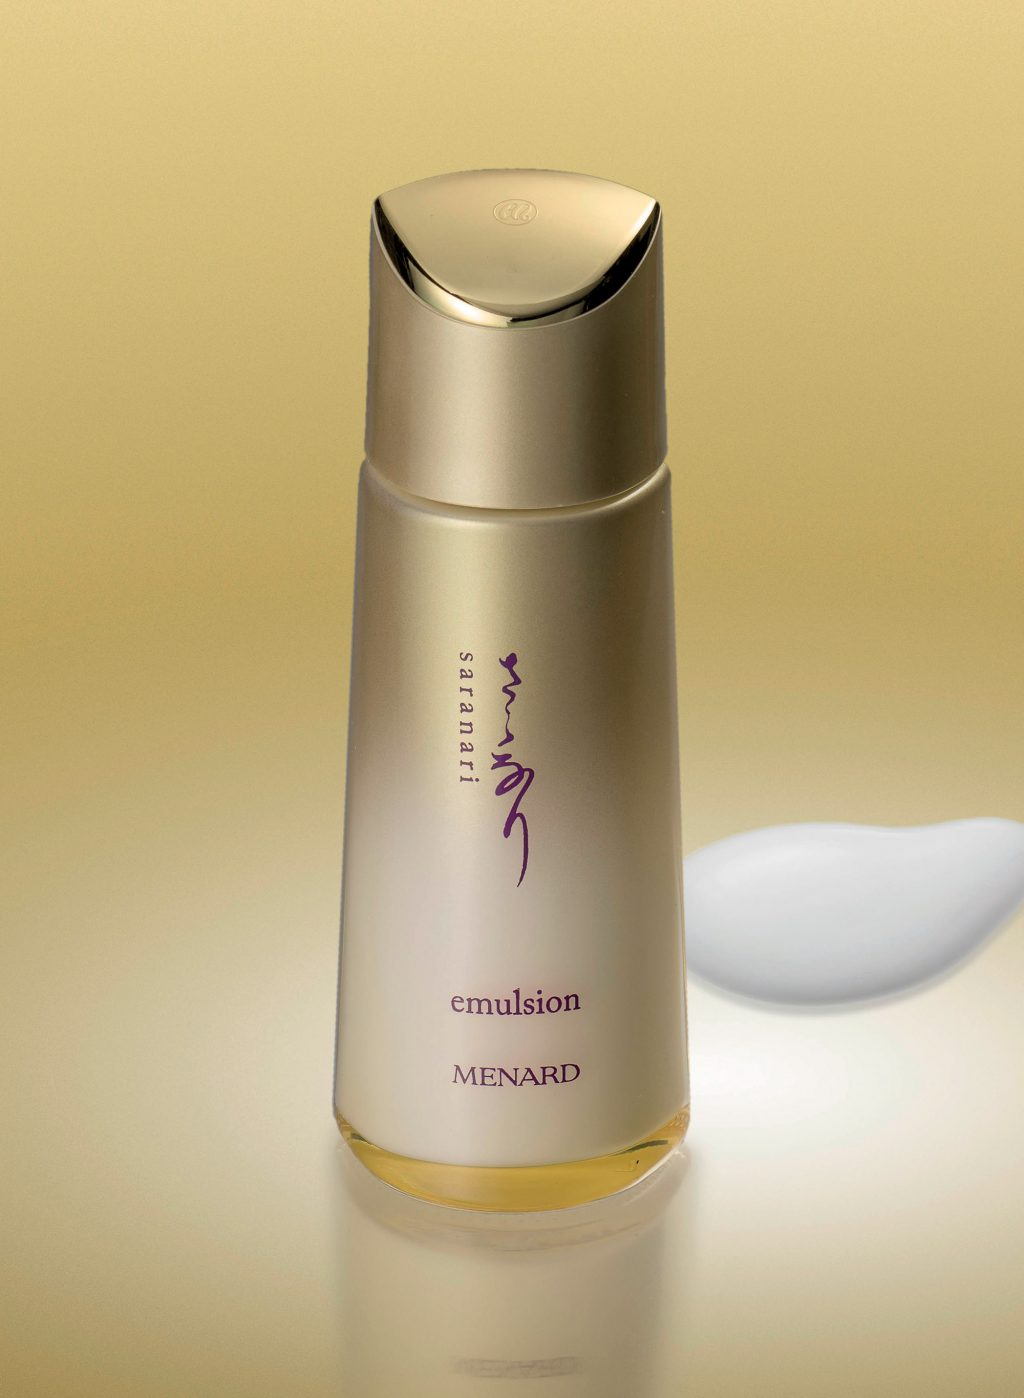 dưỡng ẩm emulsion Menard